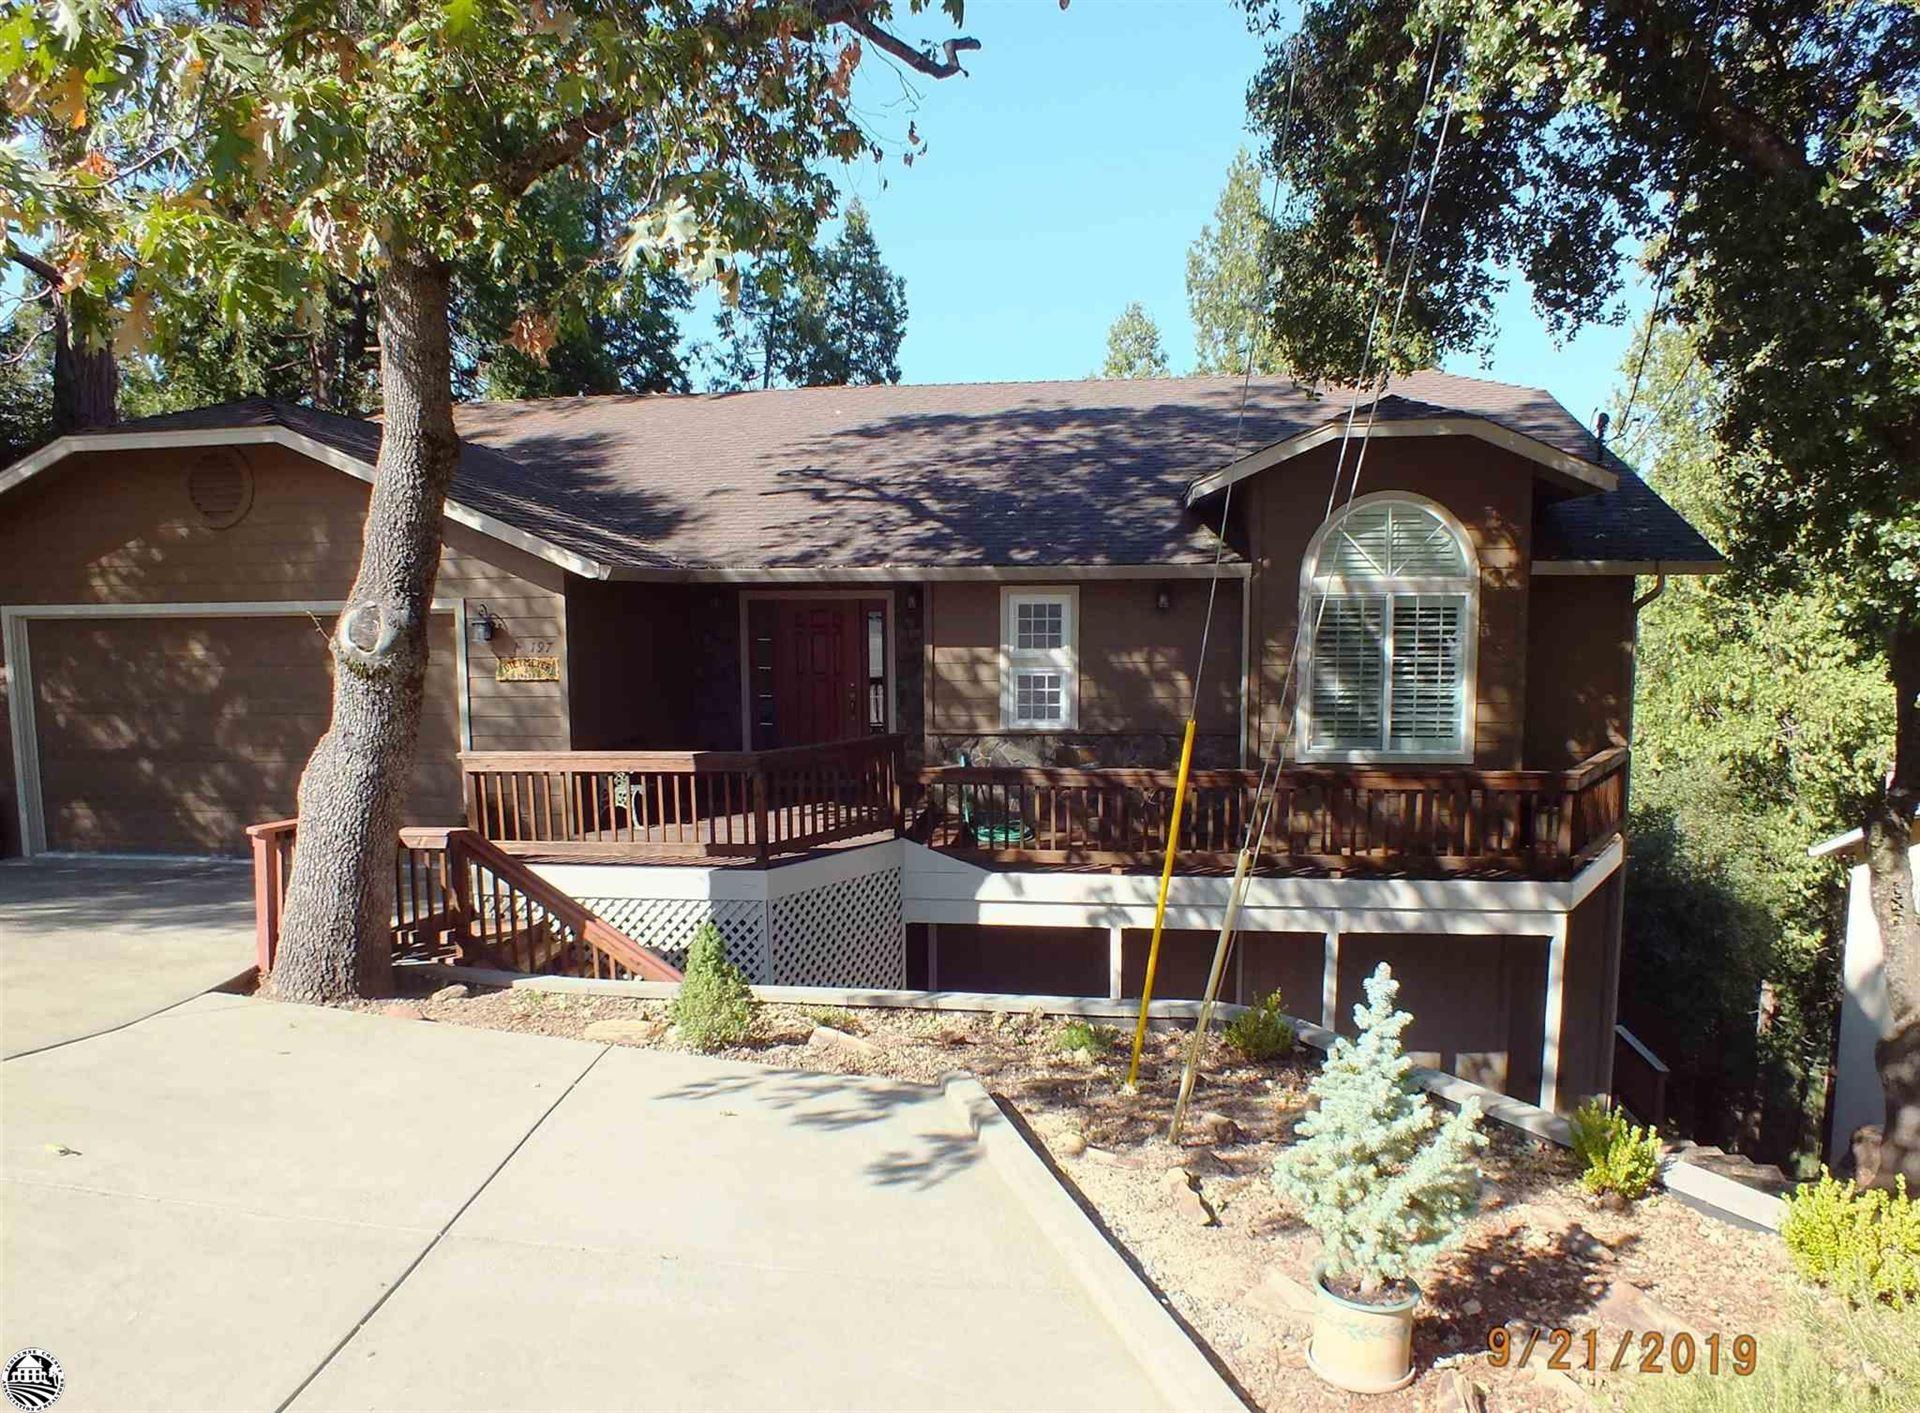 19620 GOLDEN ROCK CR. #1-197, Groveland, CA 95321 - MLS#: 20200933